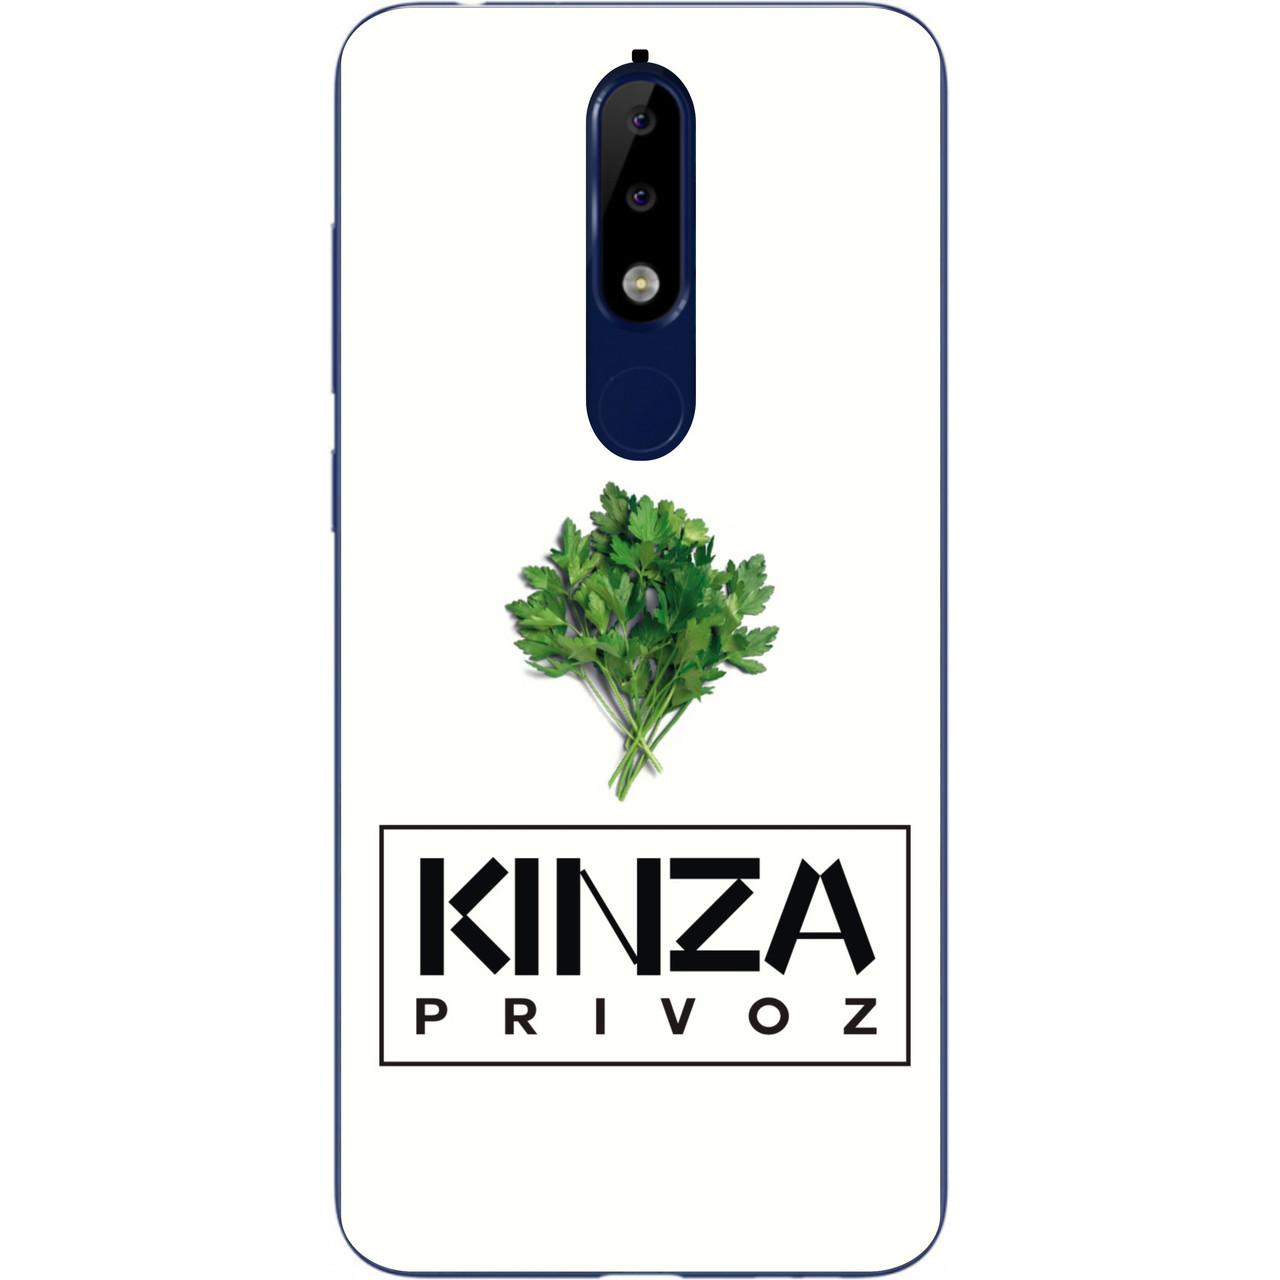 Антибендовый силиконовый чехол для Nokia 5.1 2018 с картинкой Kinza Privoz